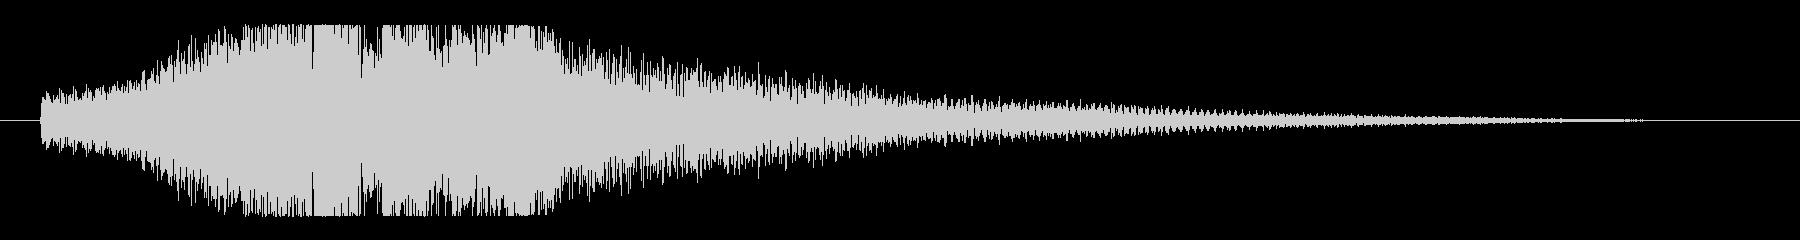 シンプルで透明感のあるピアノショートロゴの未再生の波形